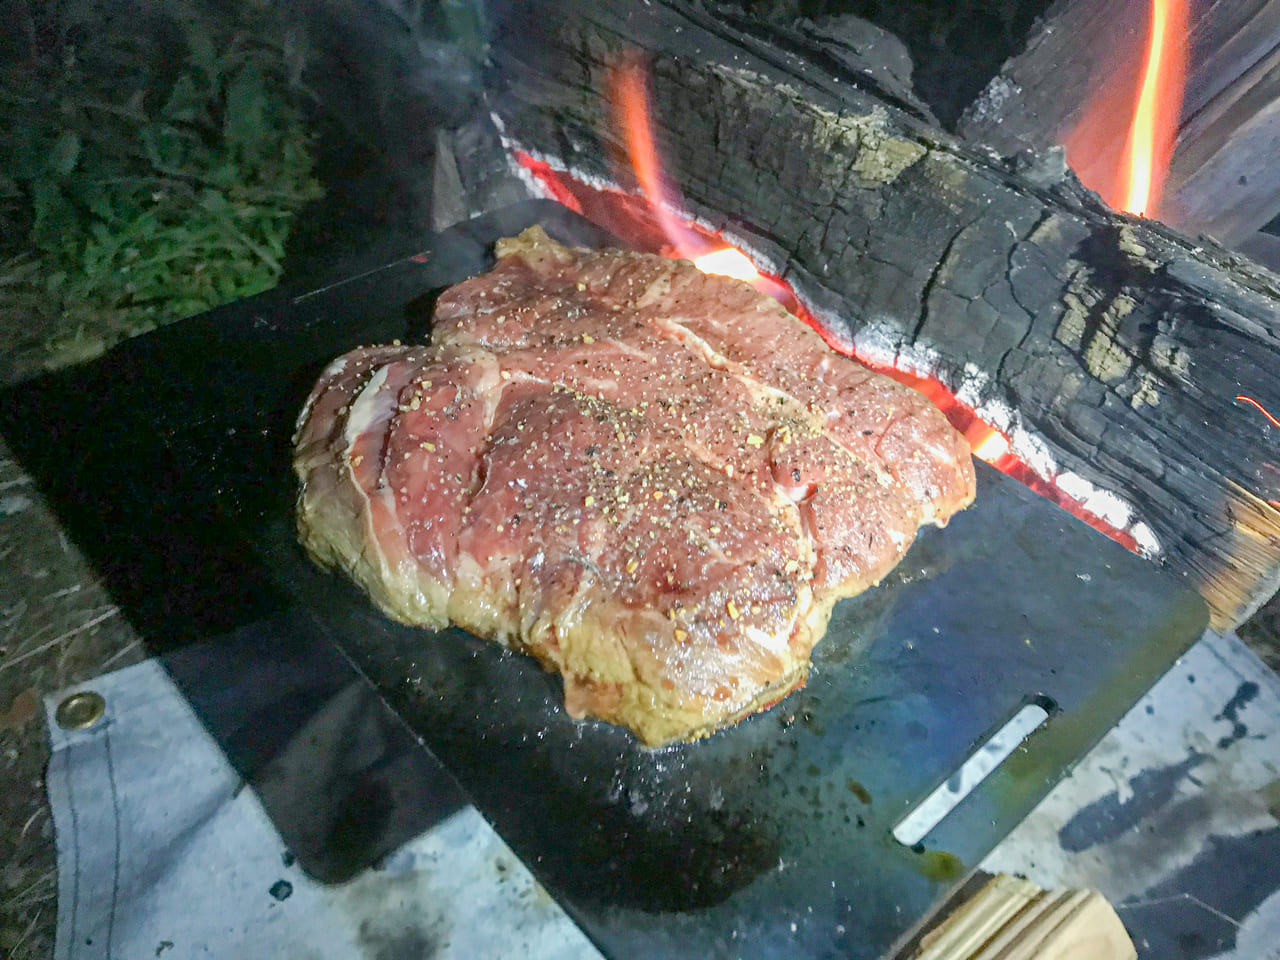 /ドッペルギャンガーBBQグリルプレートでステーキを焼く